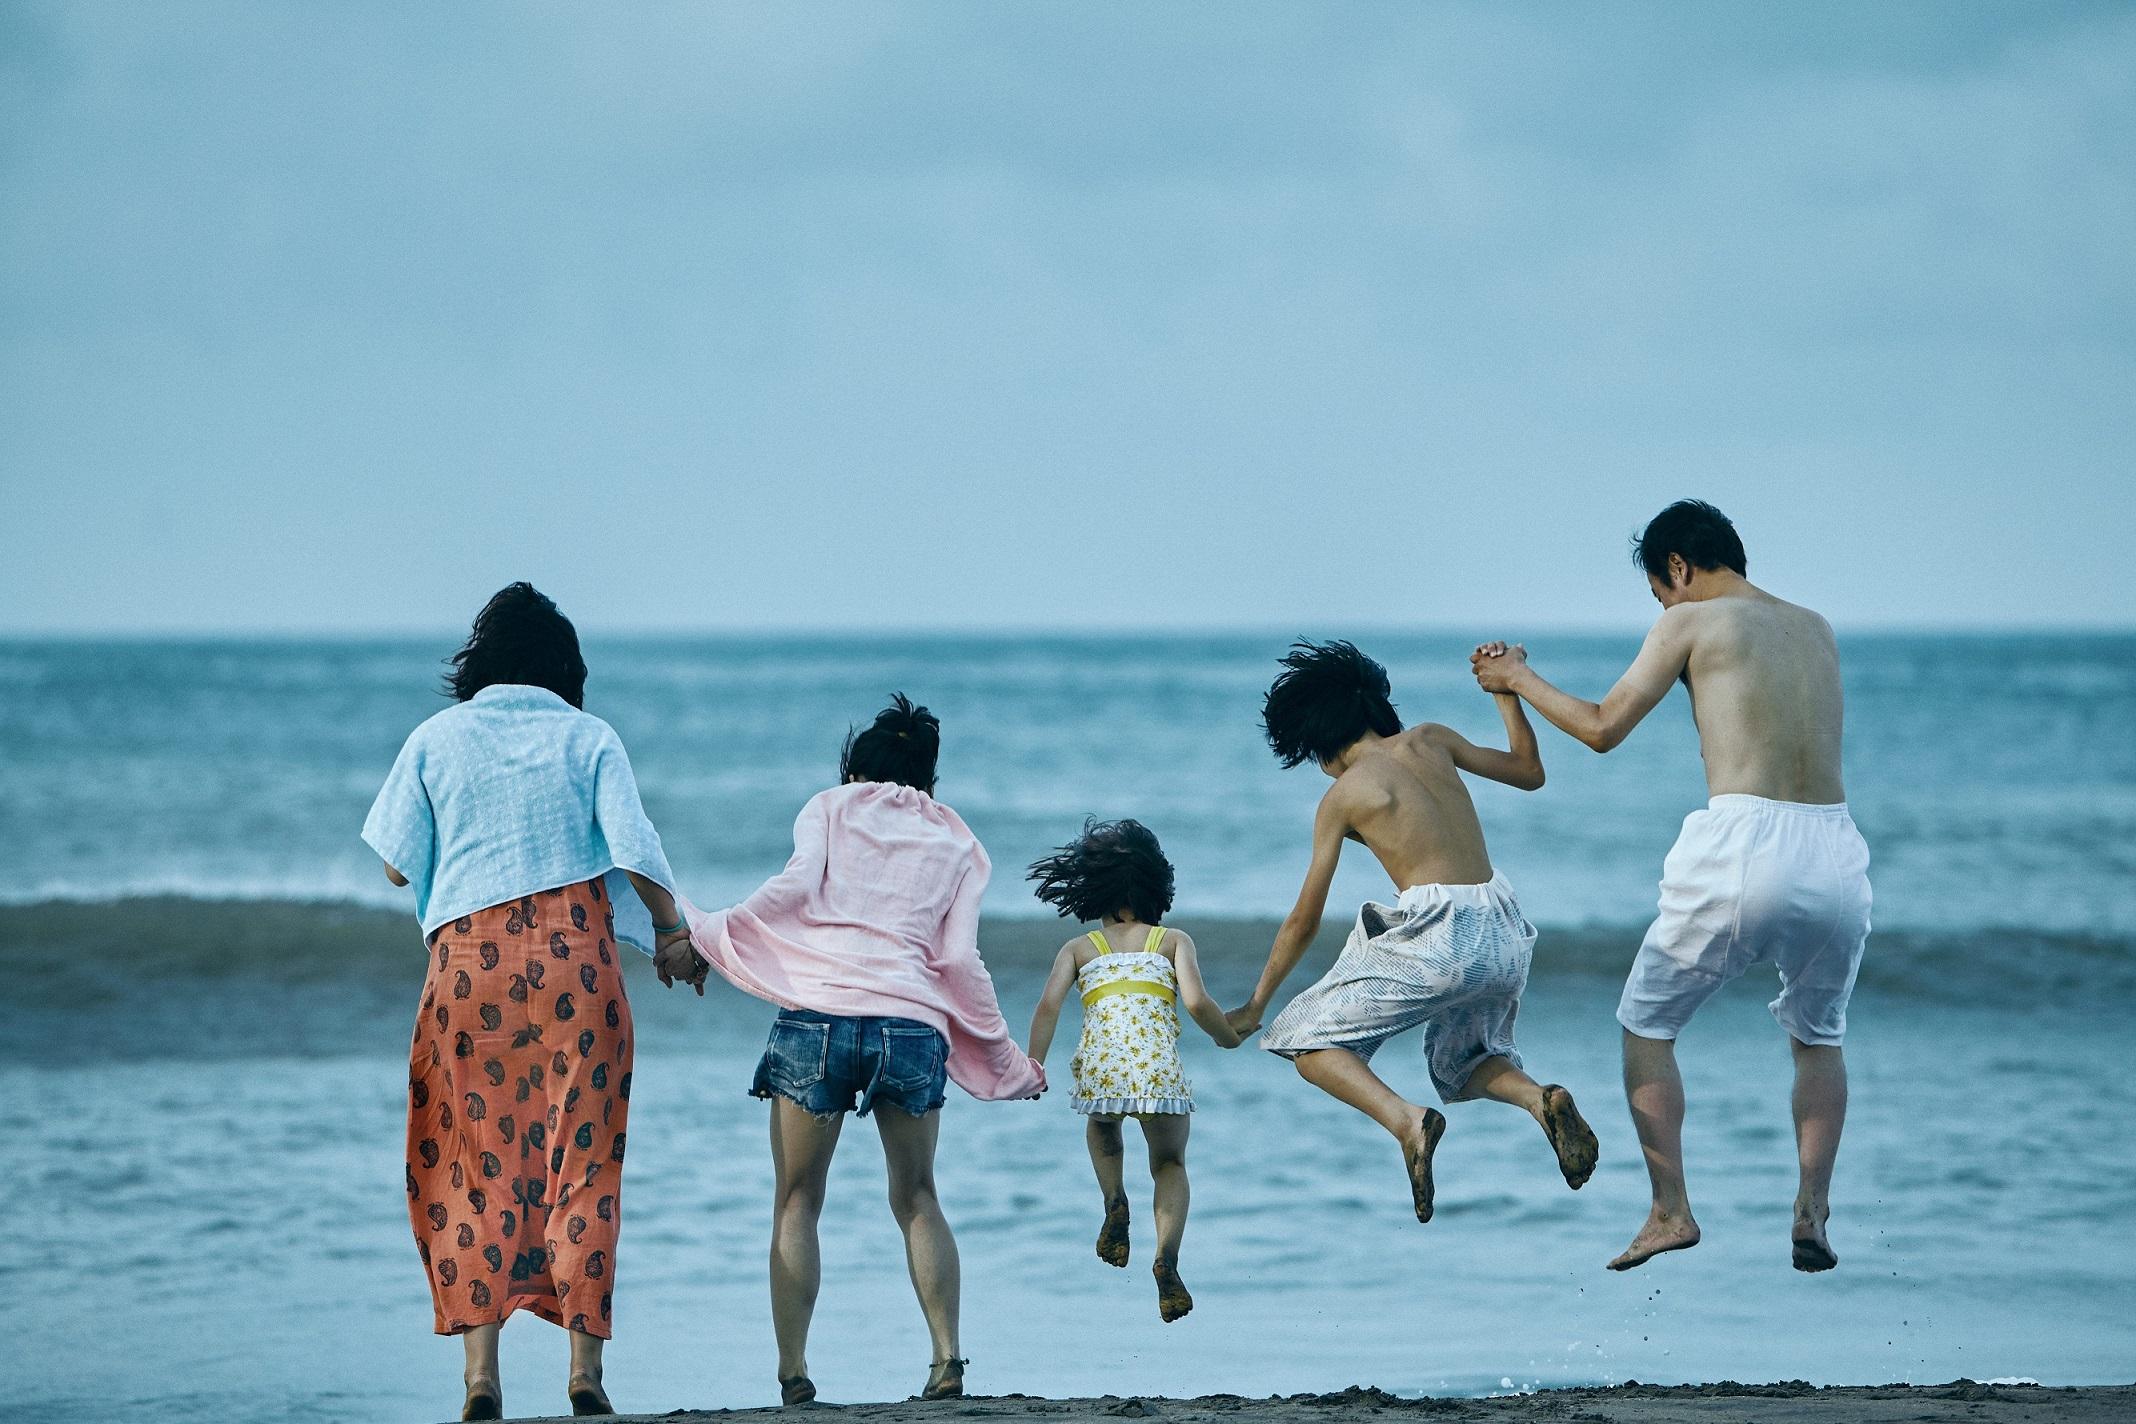 Un affare di famiglia: affetti da Palma d'oro